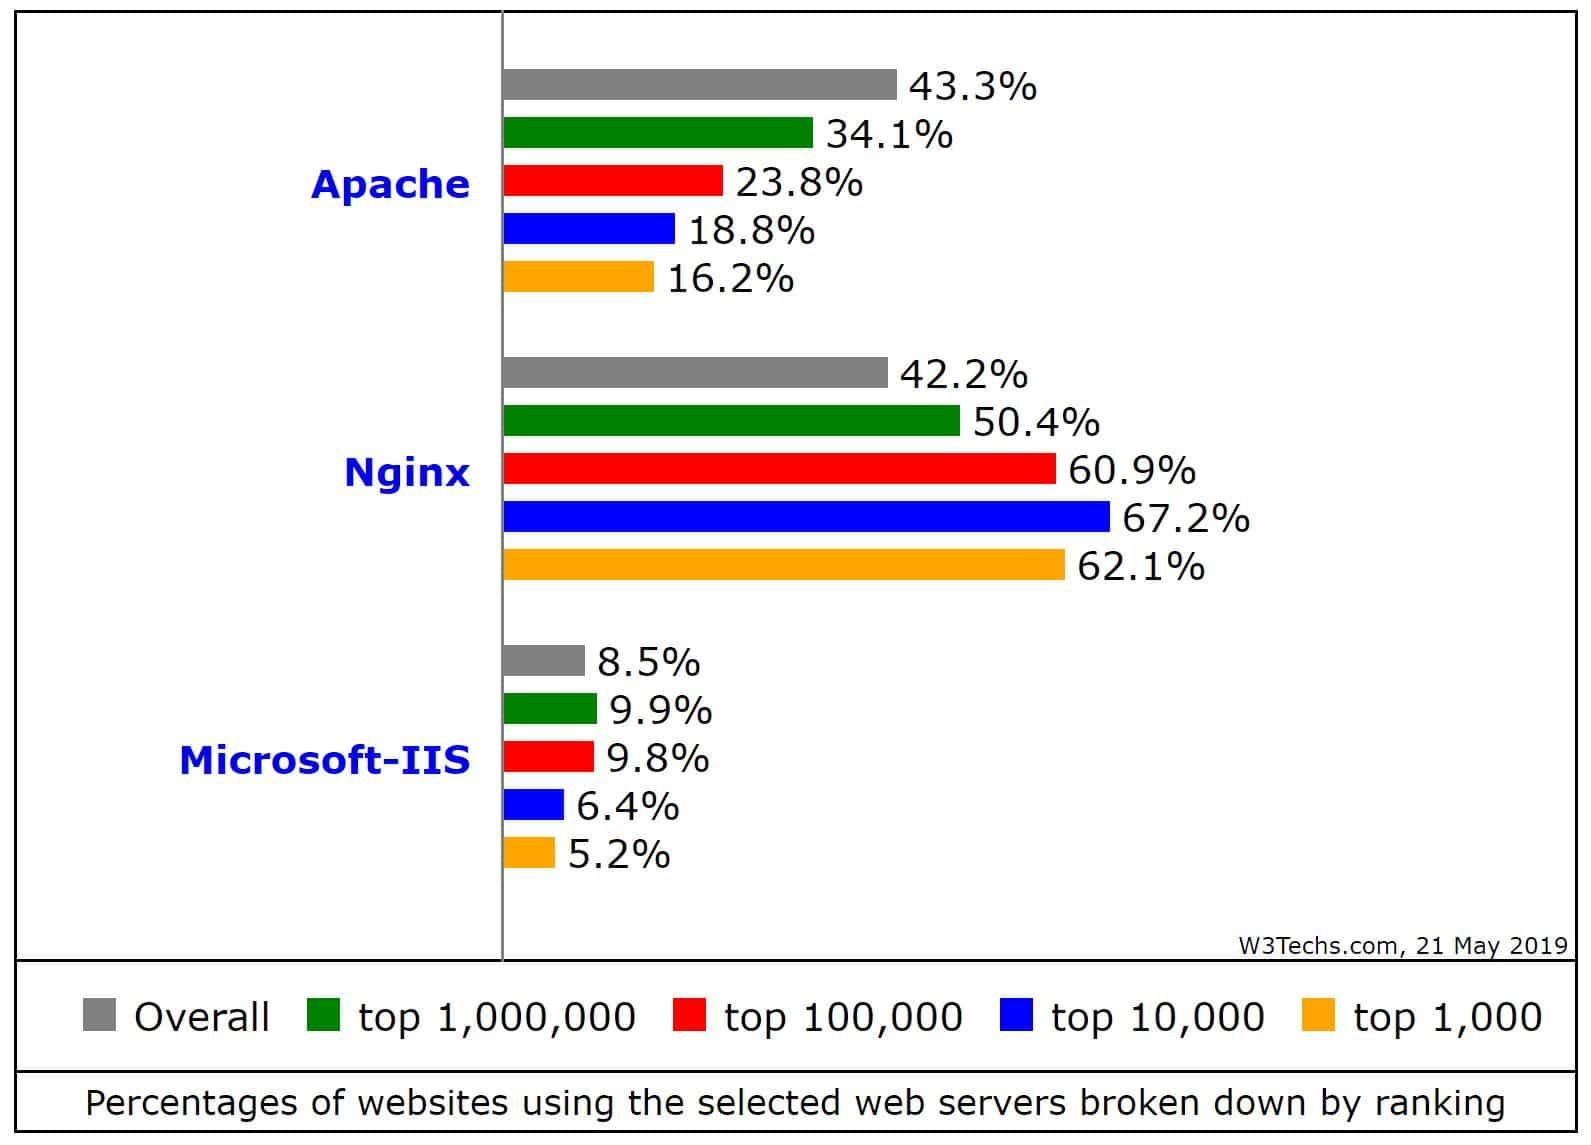 Procentandel av webbplatser som använder Nginx